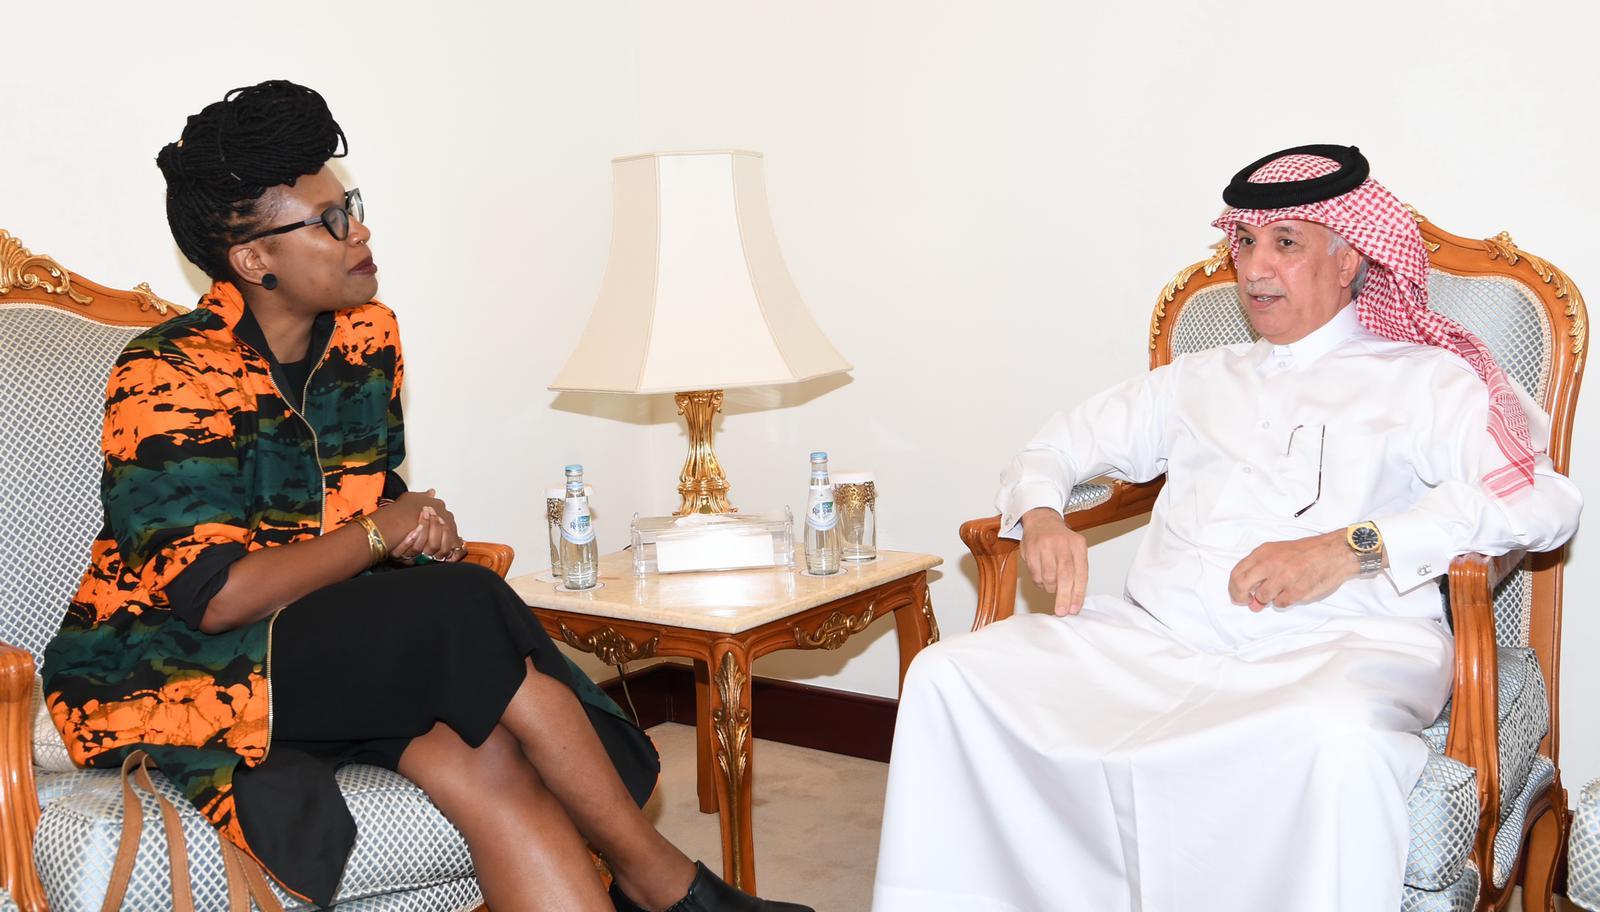 وزير الدولة للشؤون الخارجية يجتمع مع مسؤولة أممية